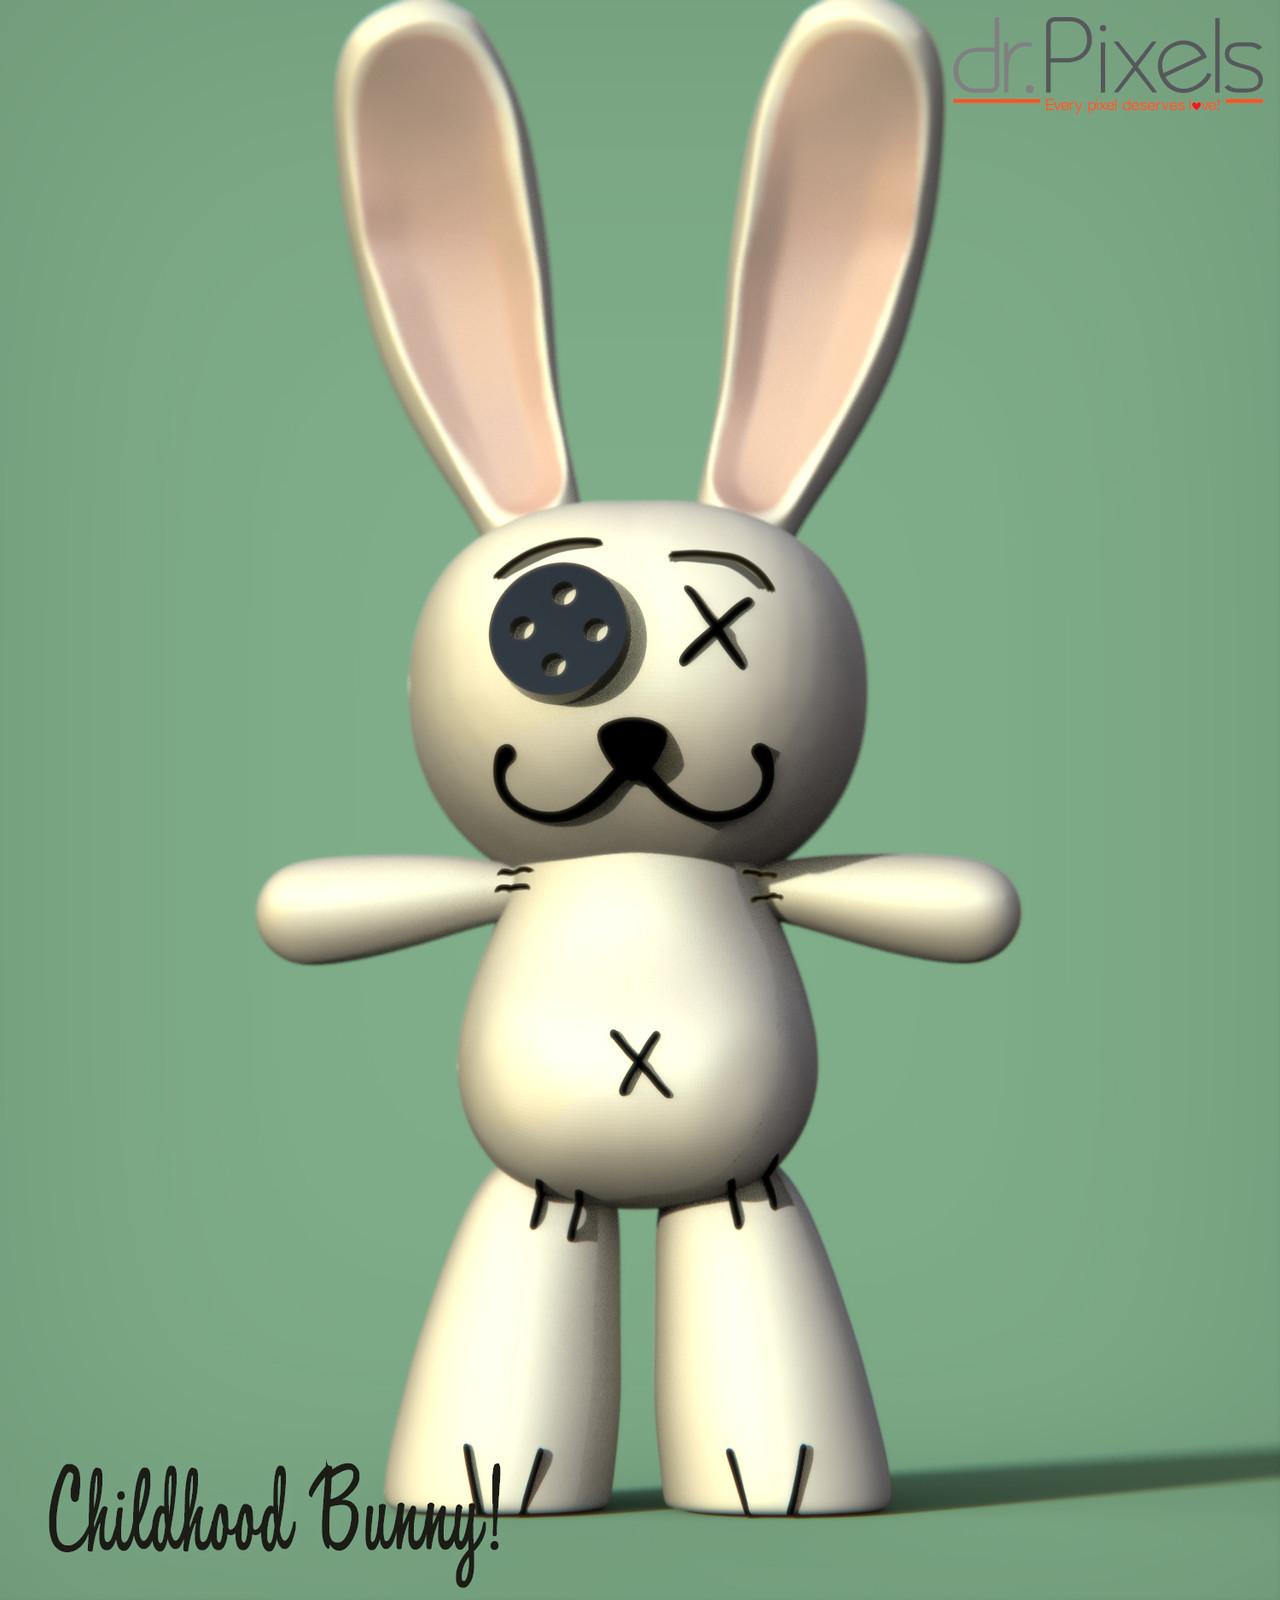 Childhood bunny